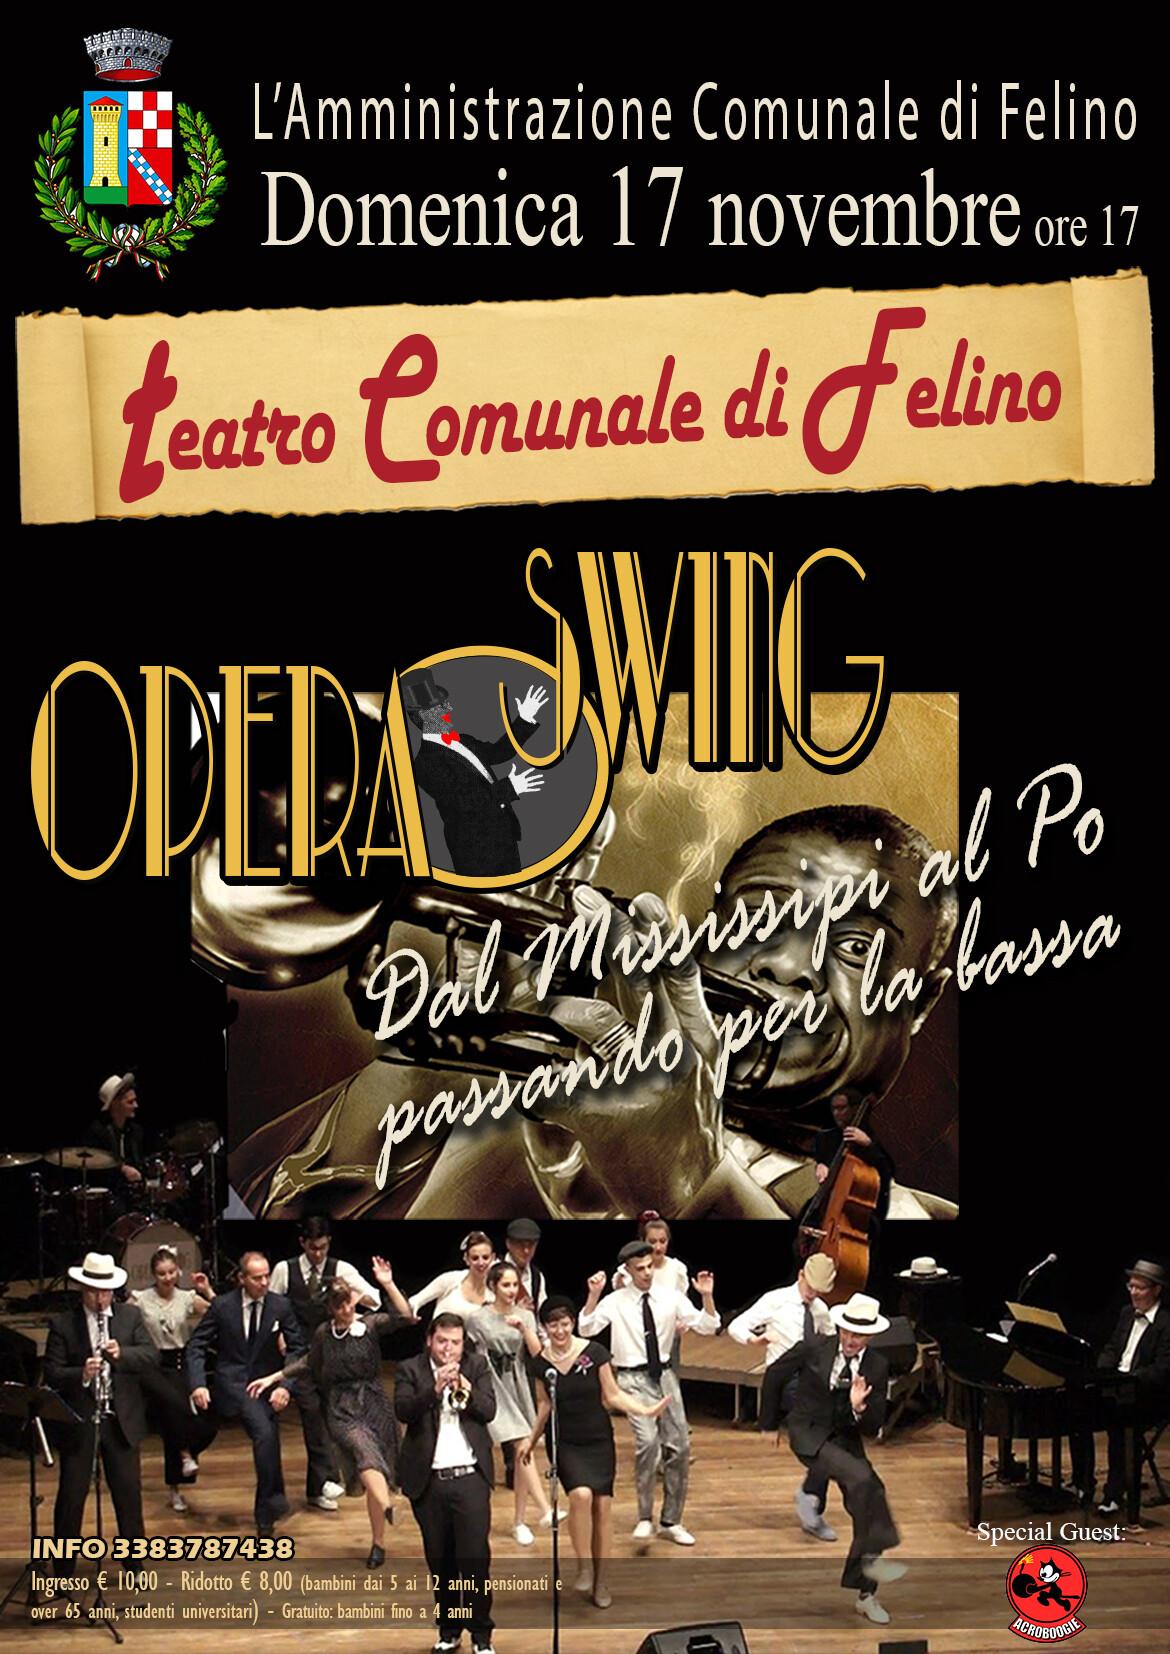 Opera Swing: Dal Mississipi al Po passando per la Bassa